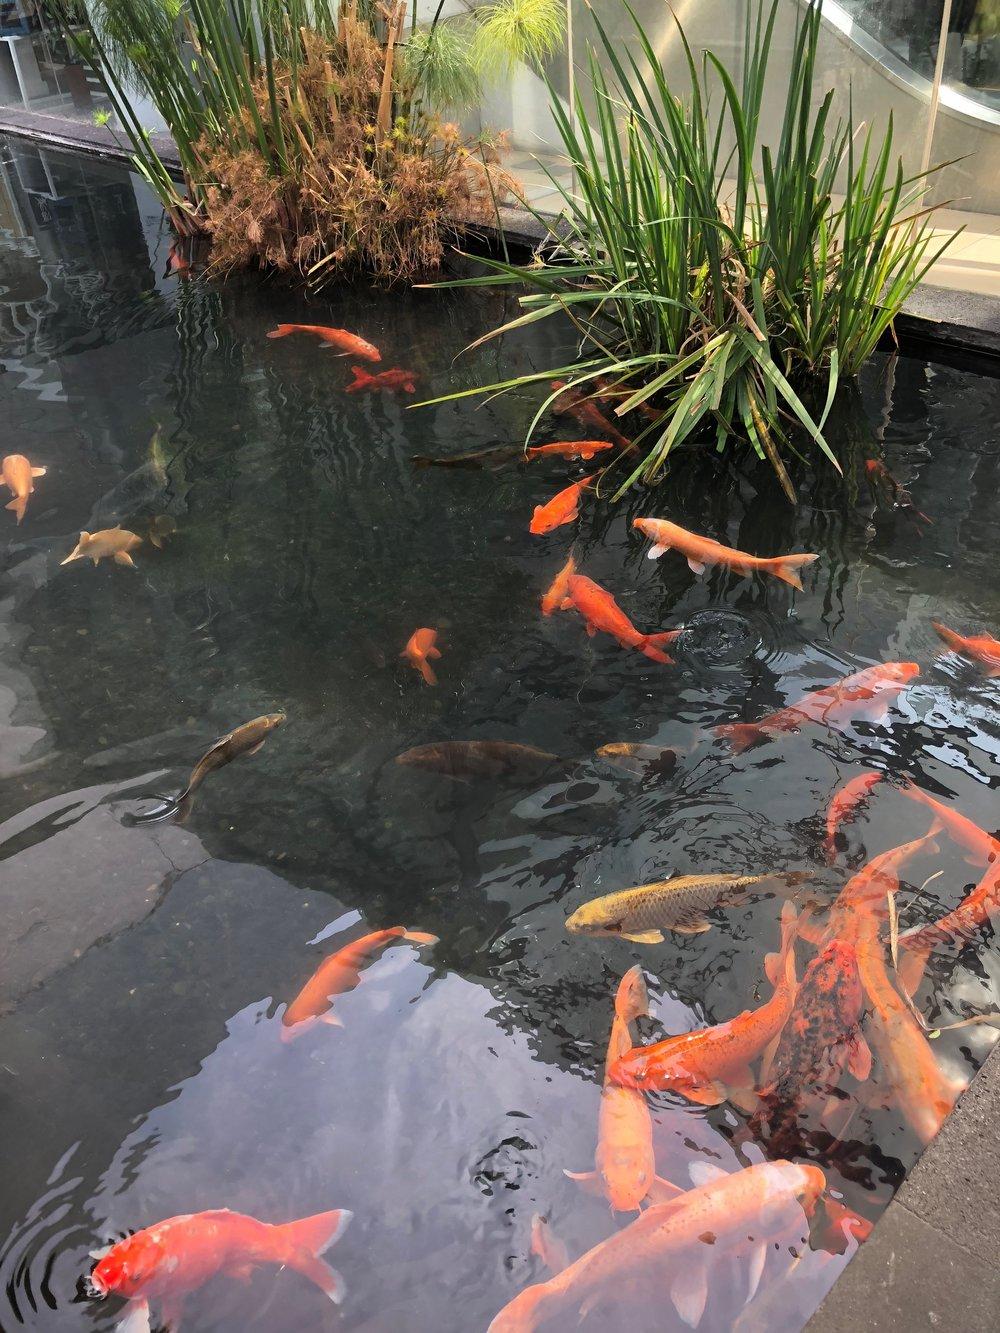 Koi pond inside the mall - very bougie!